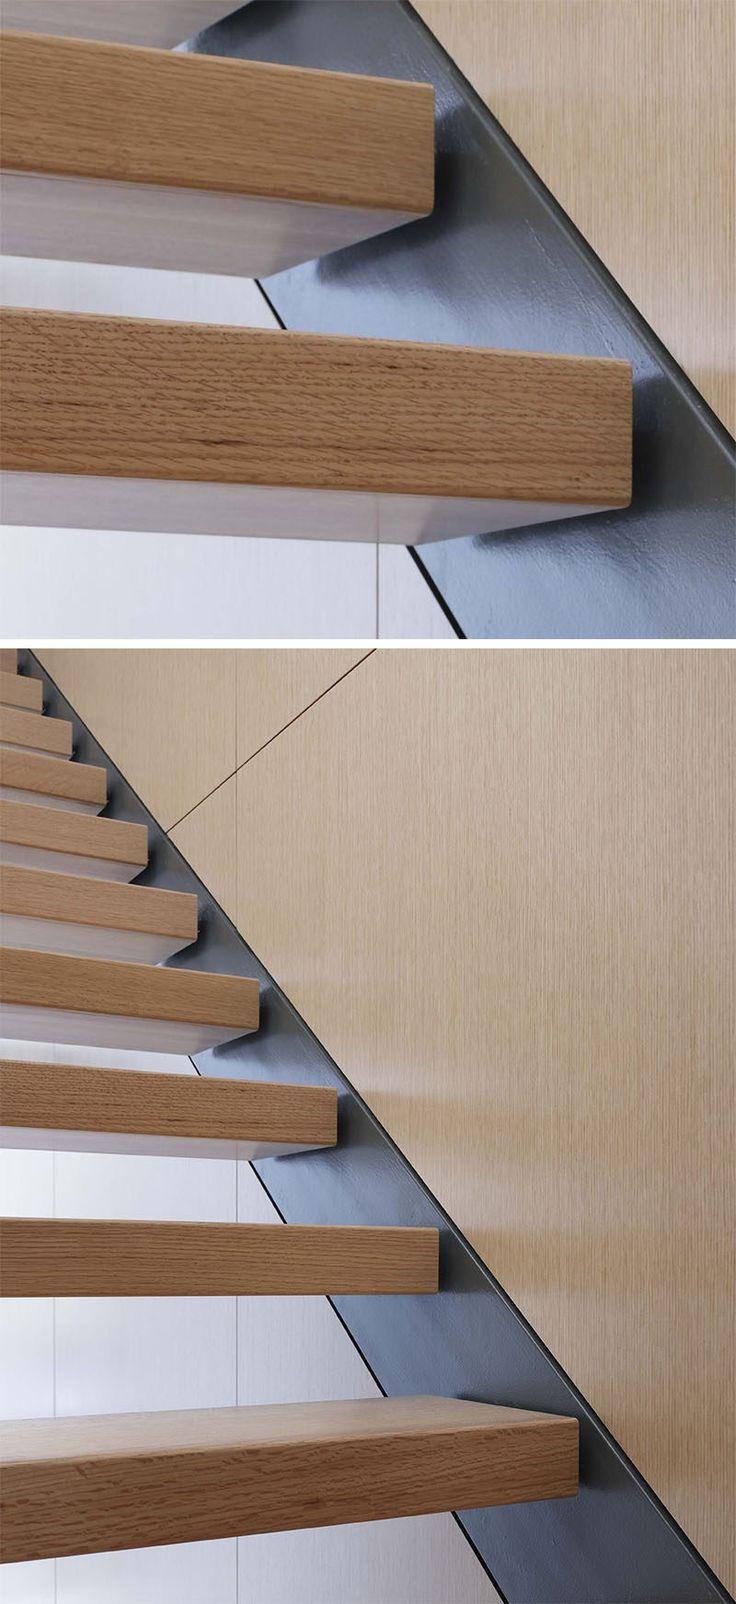 18 Ejemplos de Stair detalles para inspirarte // Los escalones de madera están unidos a las vigas de acero que llevan las escaleras todo el camino hacia arriba.